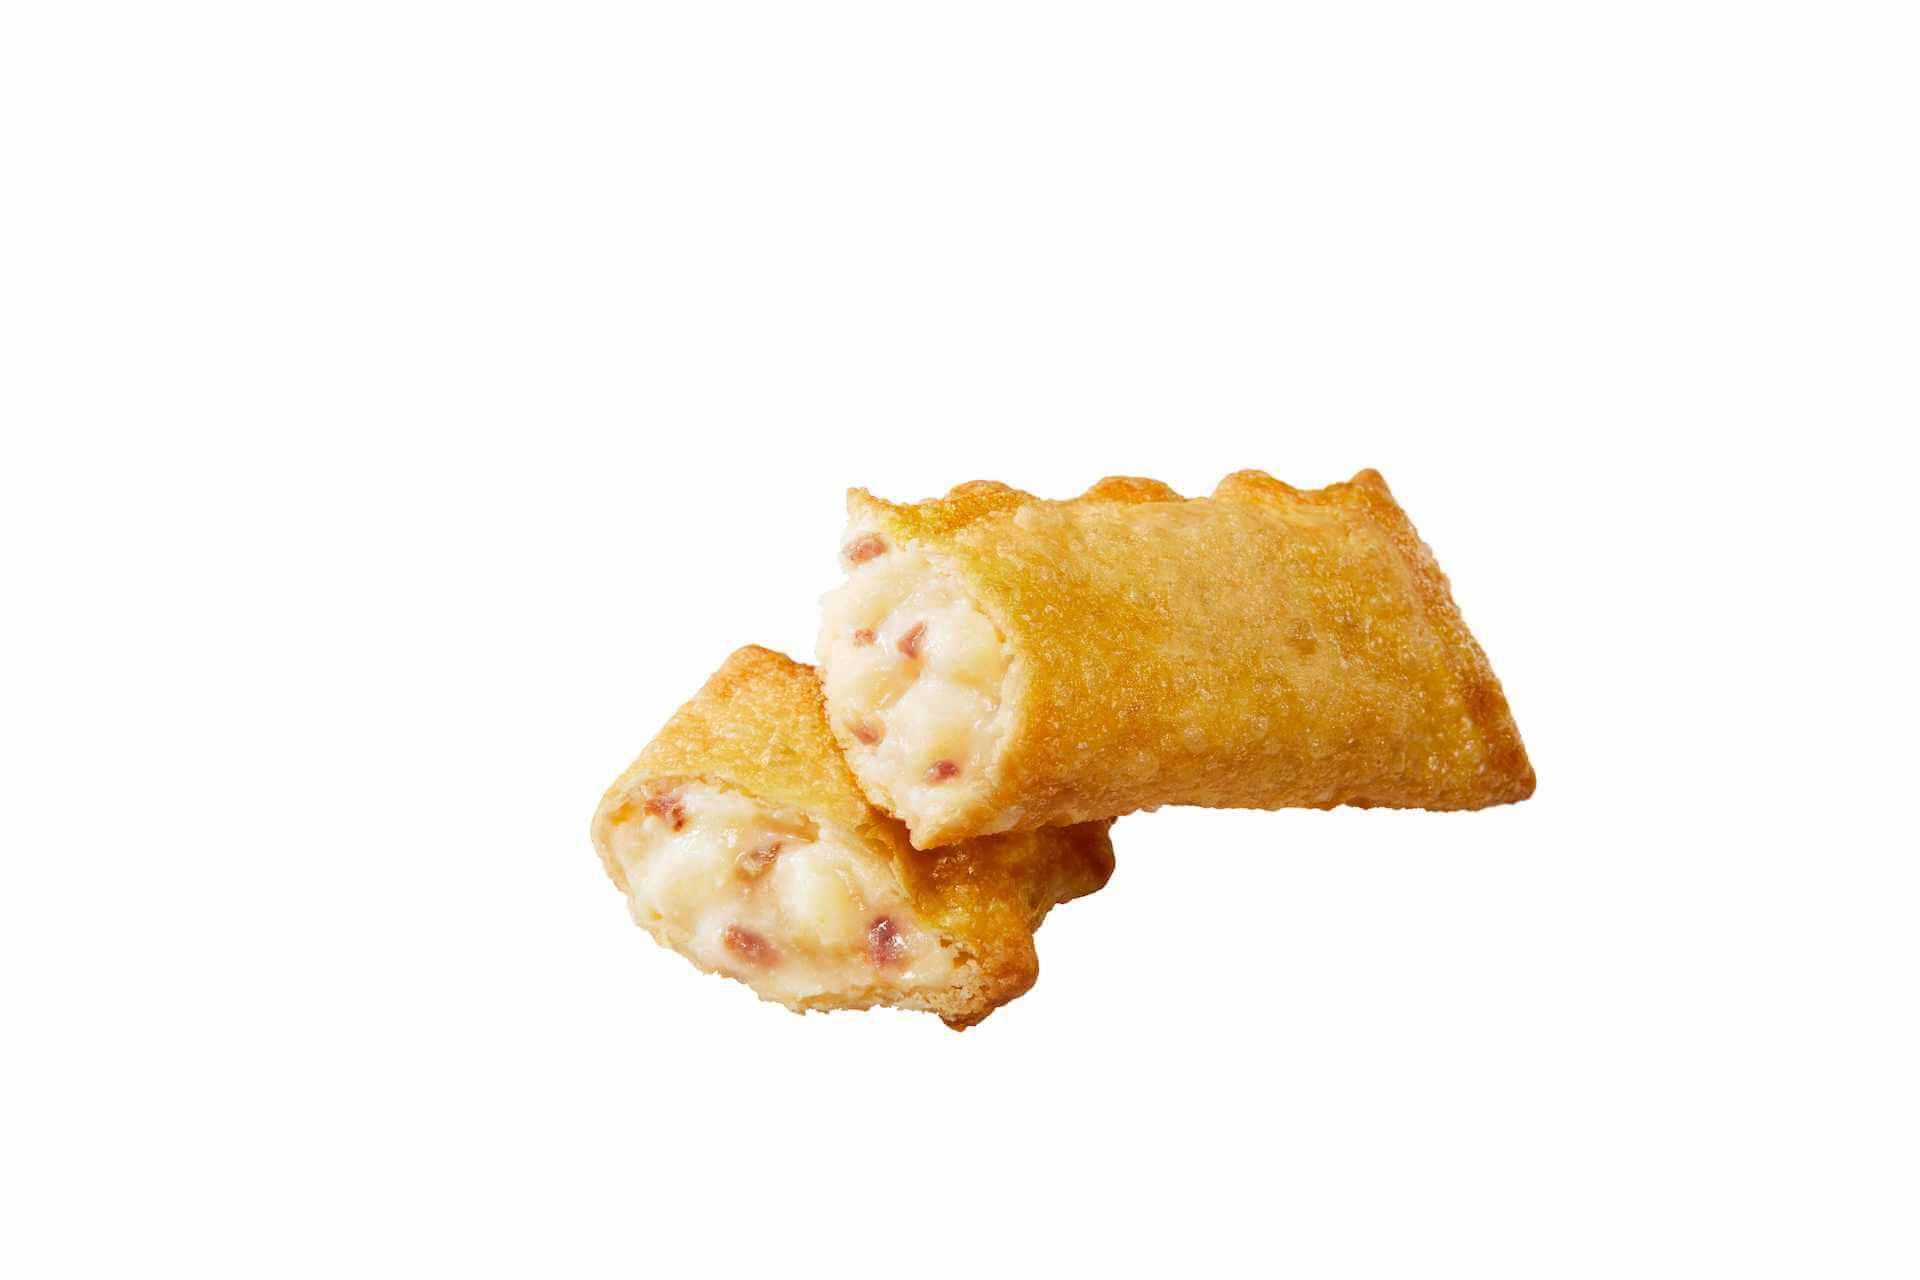 今度は「パイセンズ」!?マクドナルドで大好評の「ベーコンポテトパイセンズ」が期間限定発売! gourmet200326_mcdonald_3